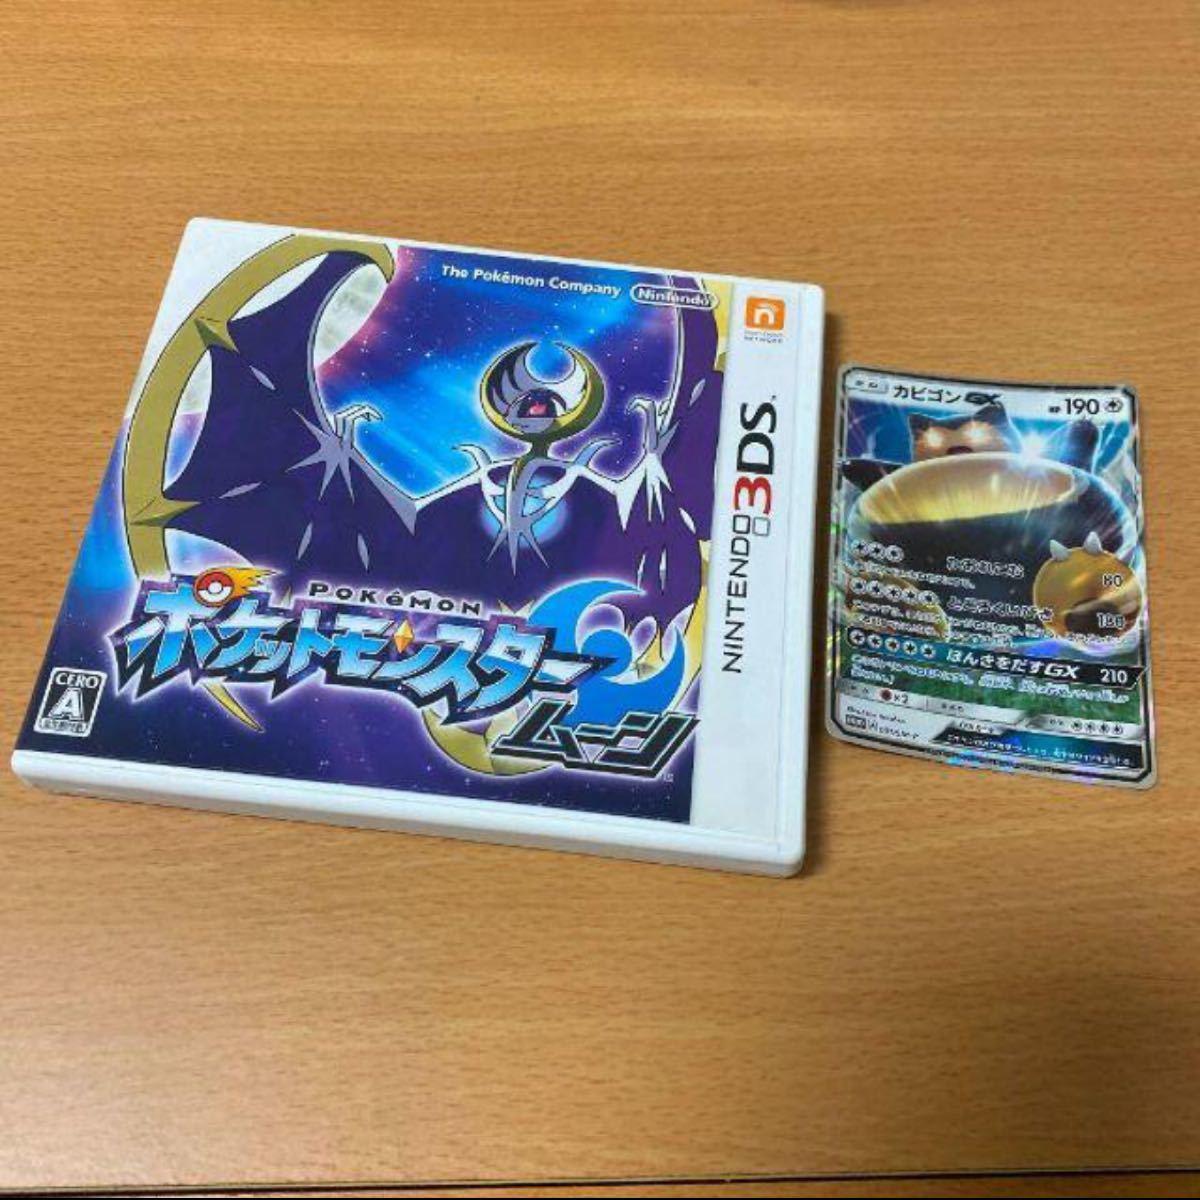 ポケットモンスター ムーン カビゴン ポケモンカードつき 3DSソフト